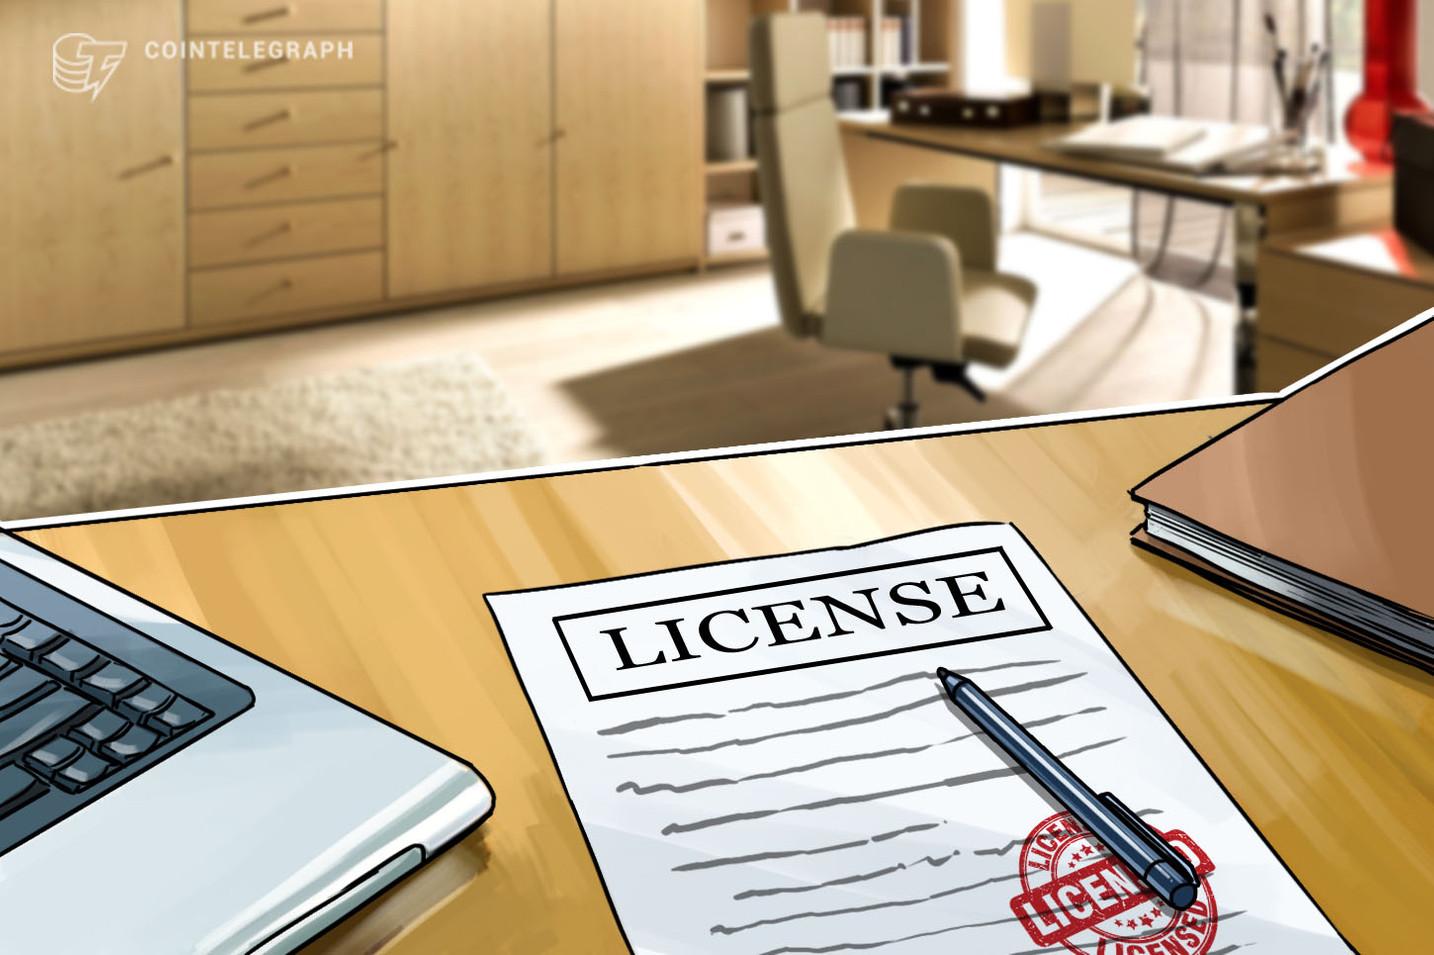 オランダの仮想通貨サービス提供業者 免許取得は中央銀行から